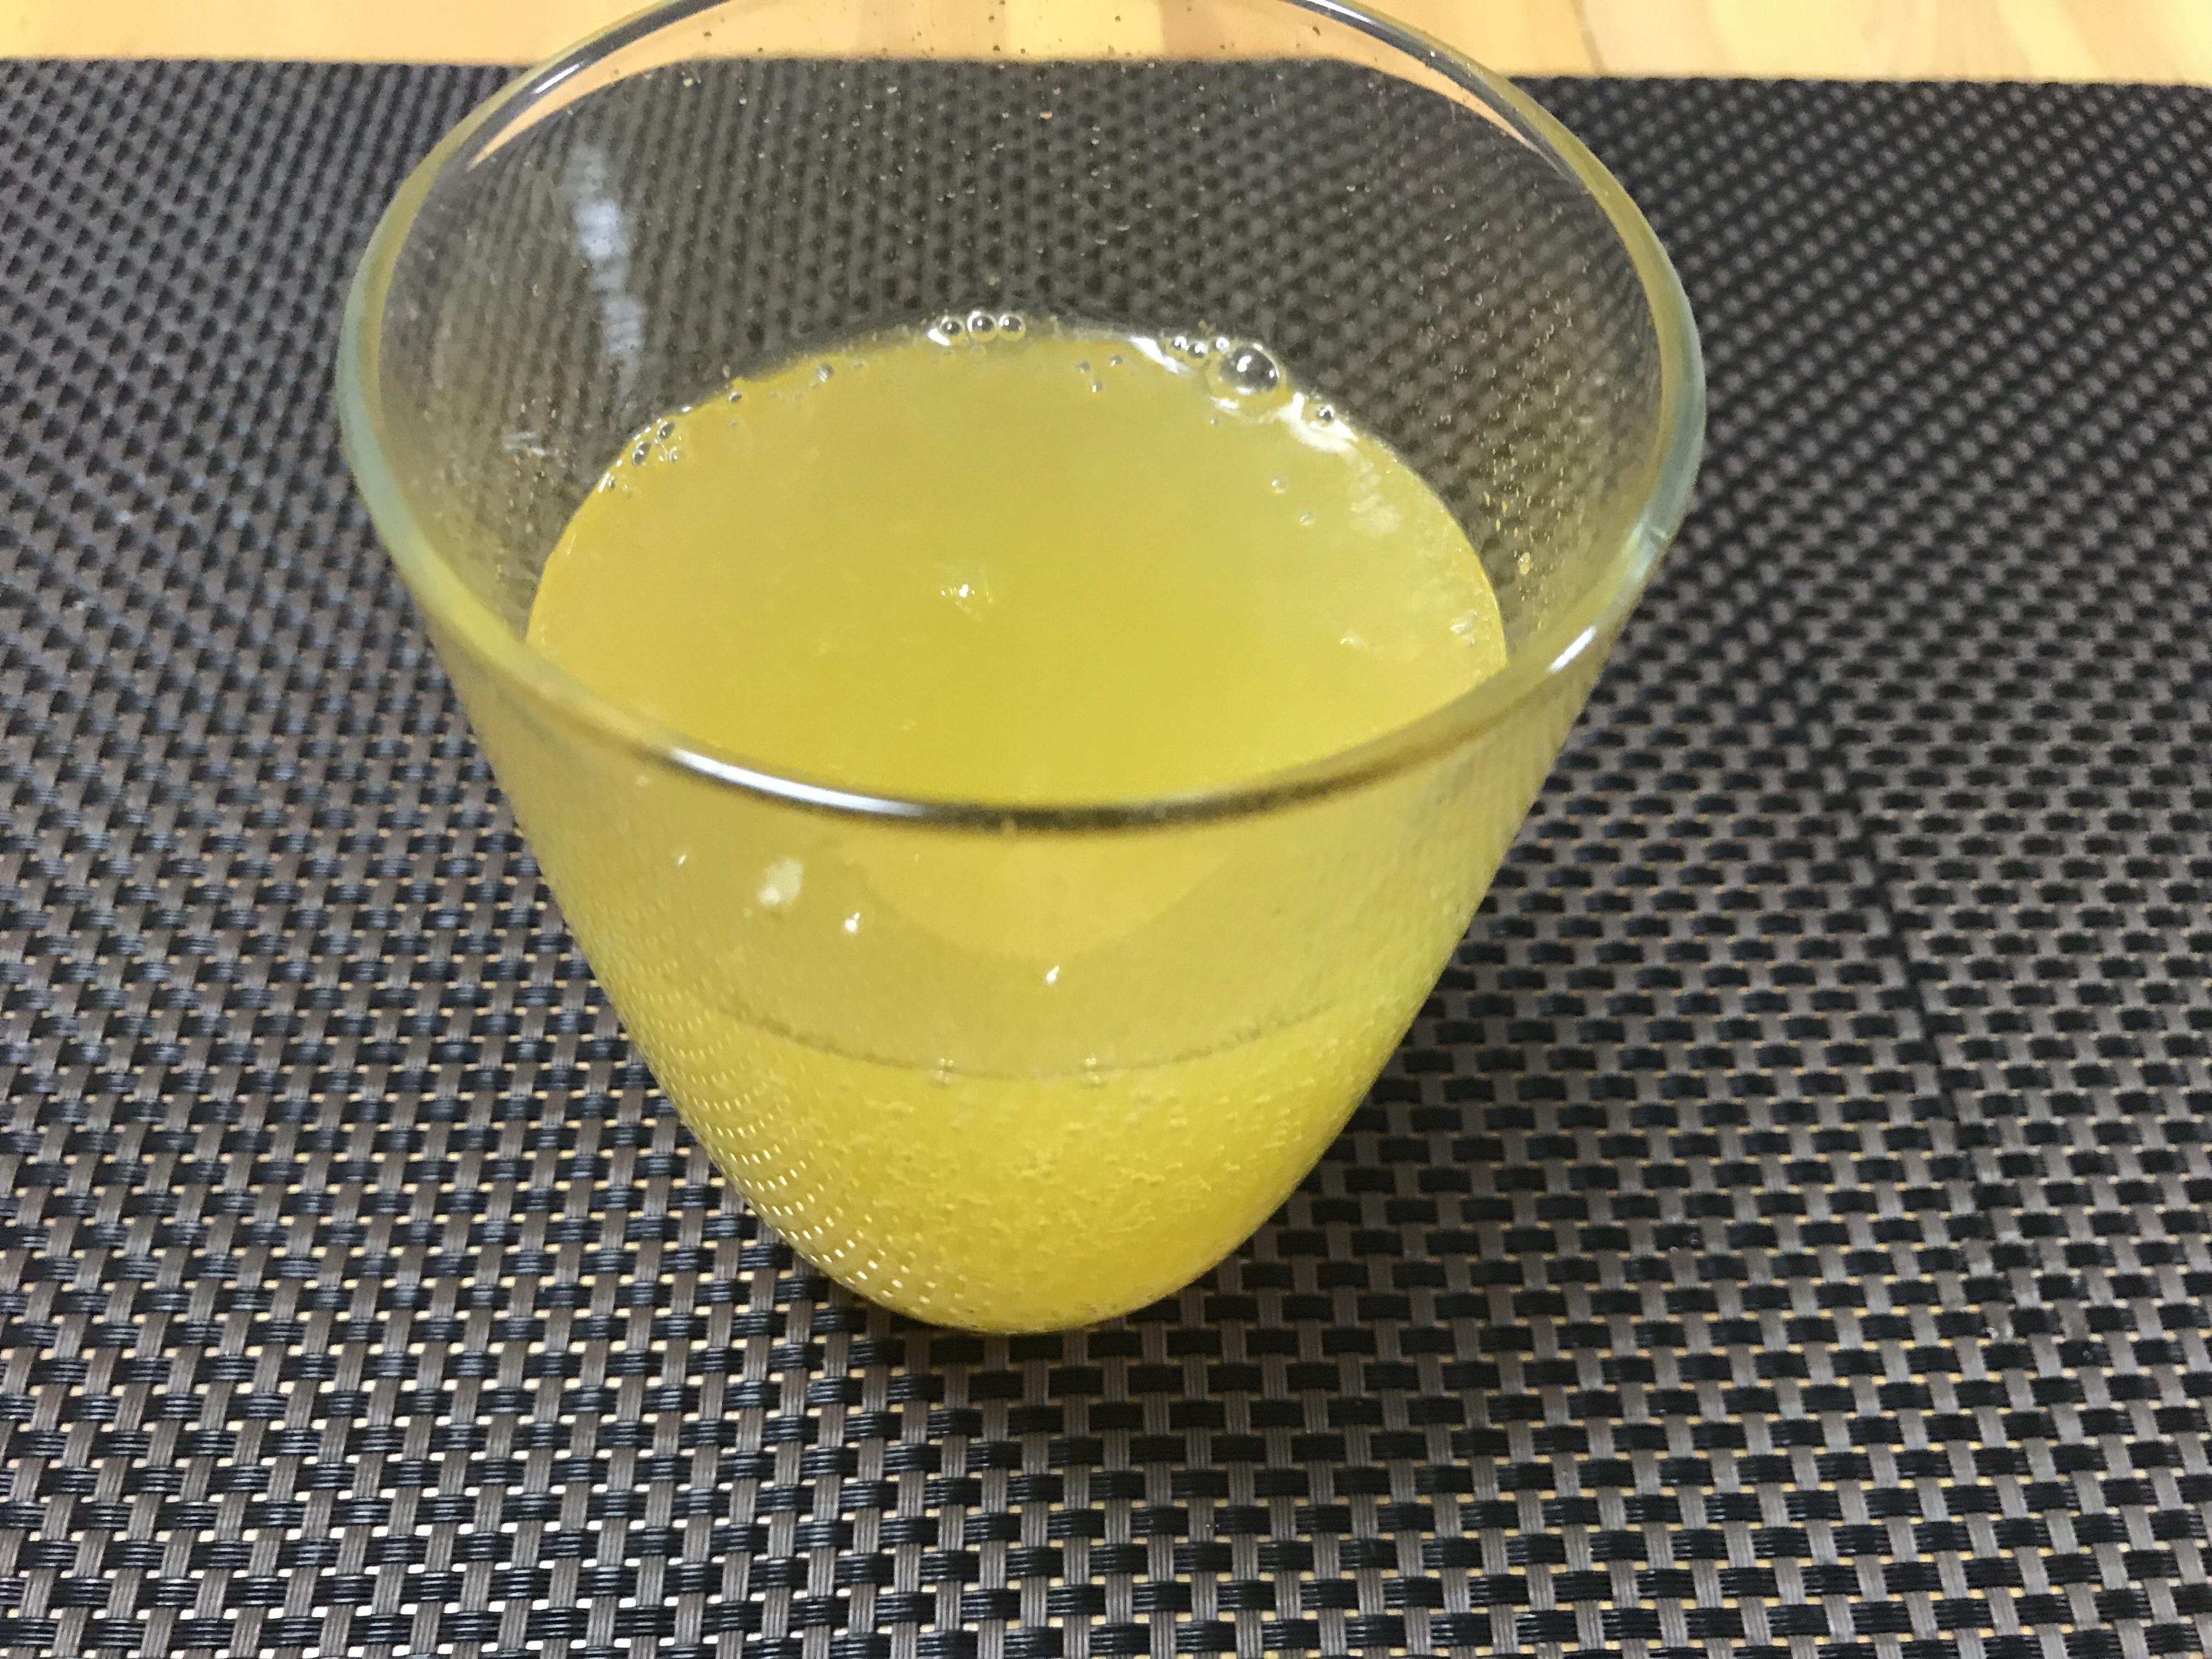 温泉の後の新定番!?みかんとレモンの果汁入りの「瀬戸内さんさん みれも夢サイダー」を買ってきたよ!